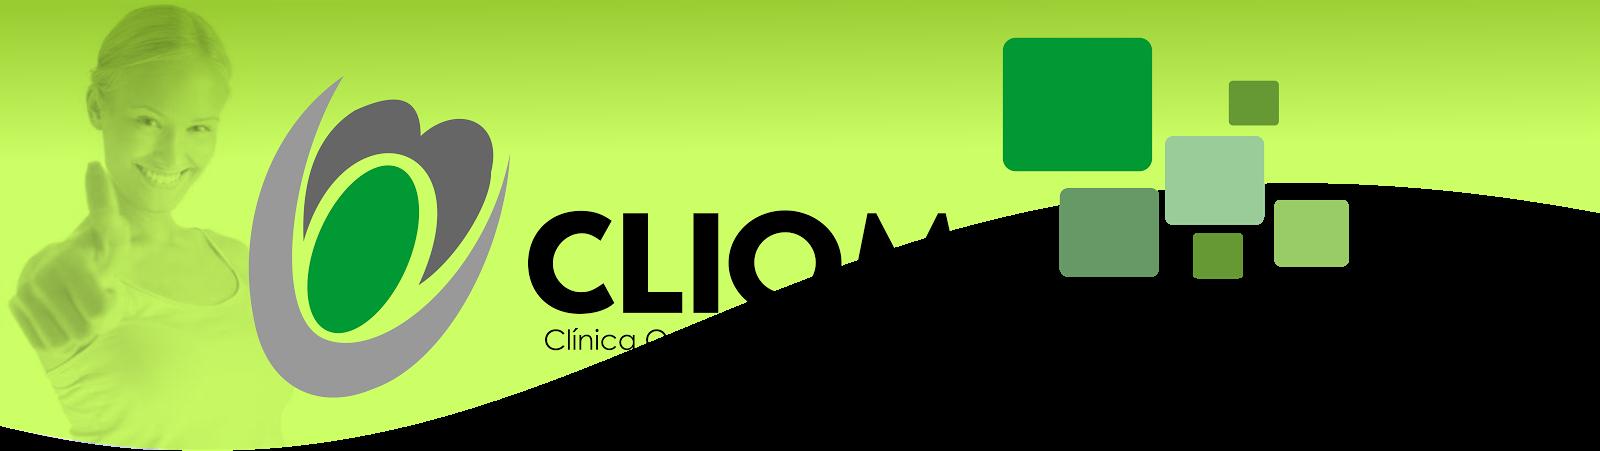 CLIOM & VOCÊ